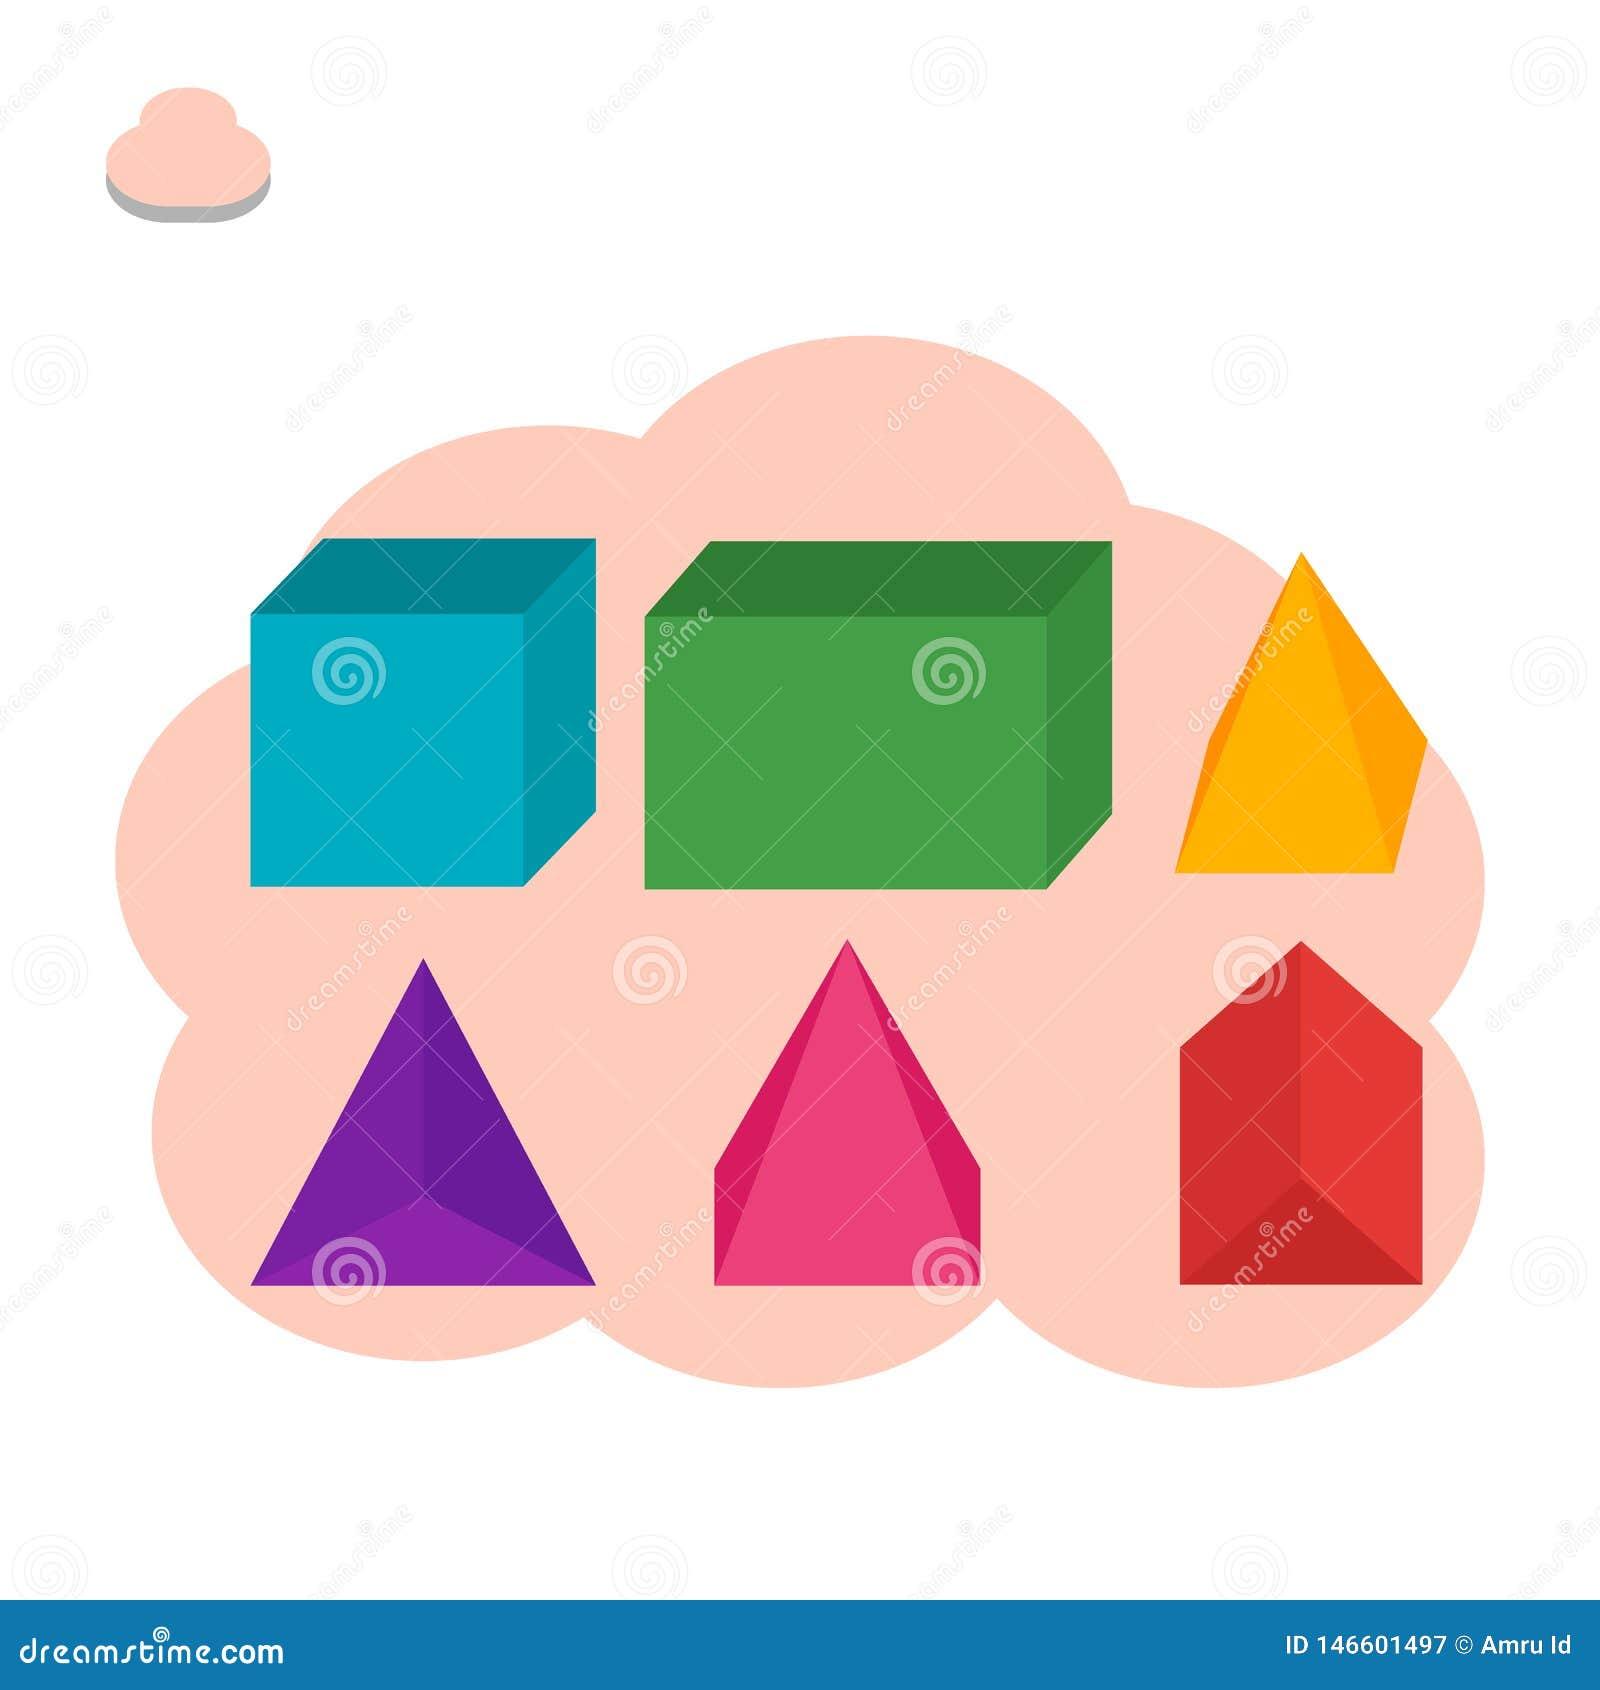 Construa o cubo, feixe, prismas, ilustração dos espaços da pirâmide - vetor